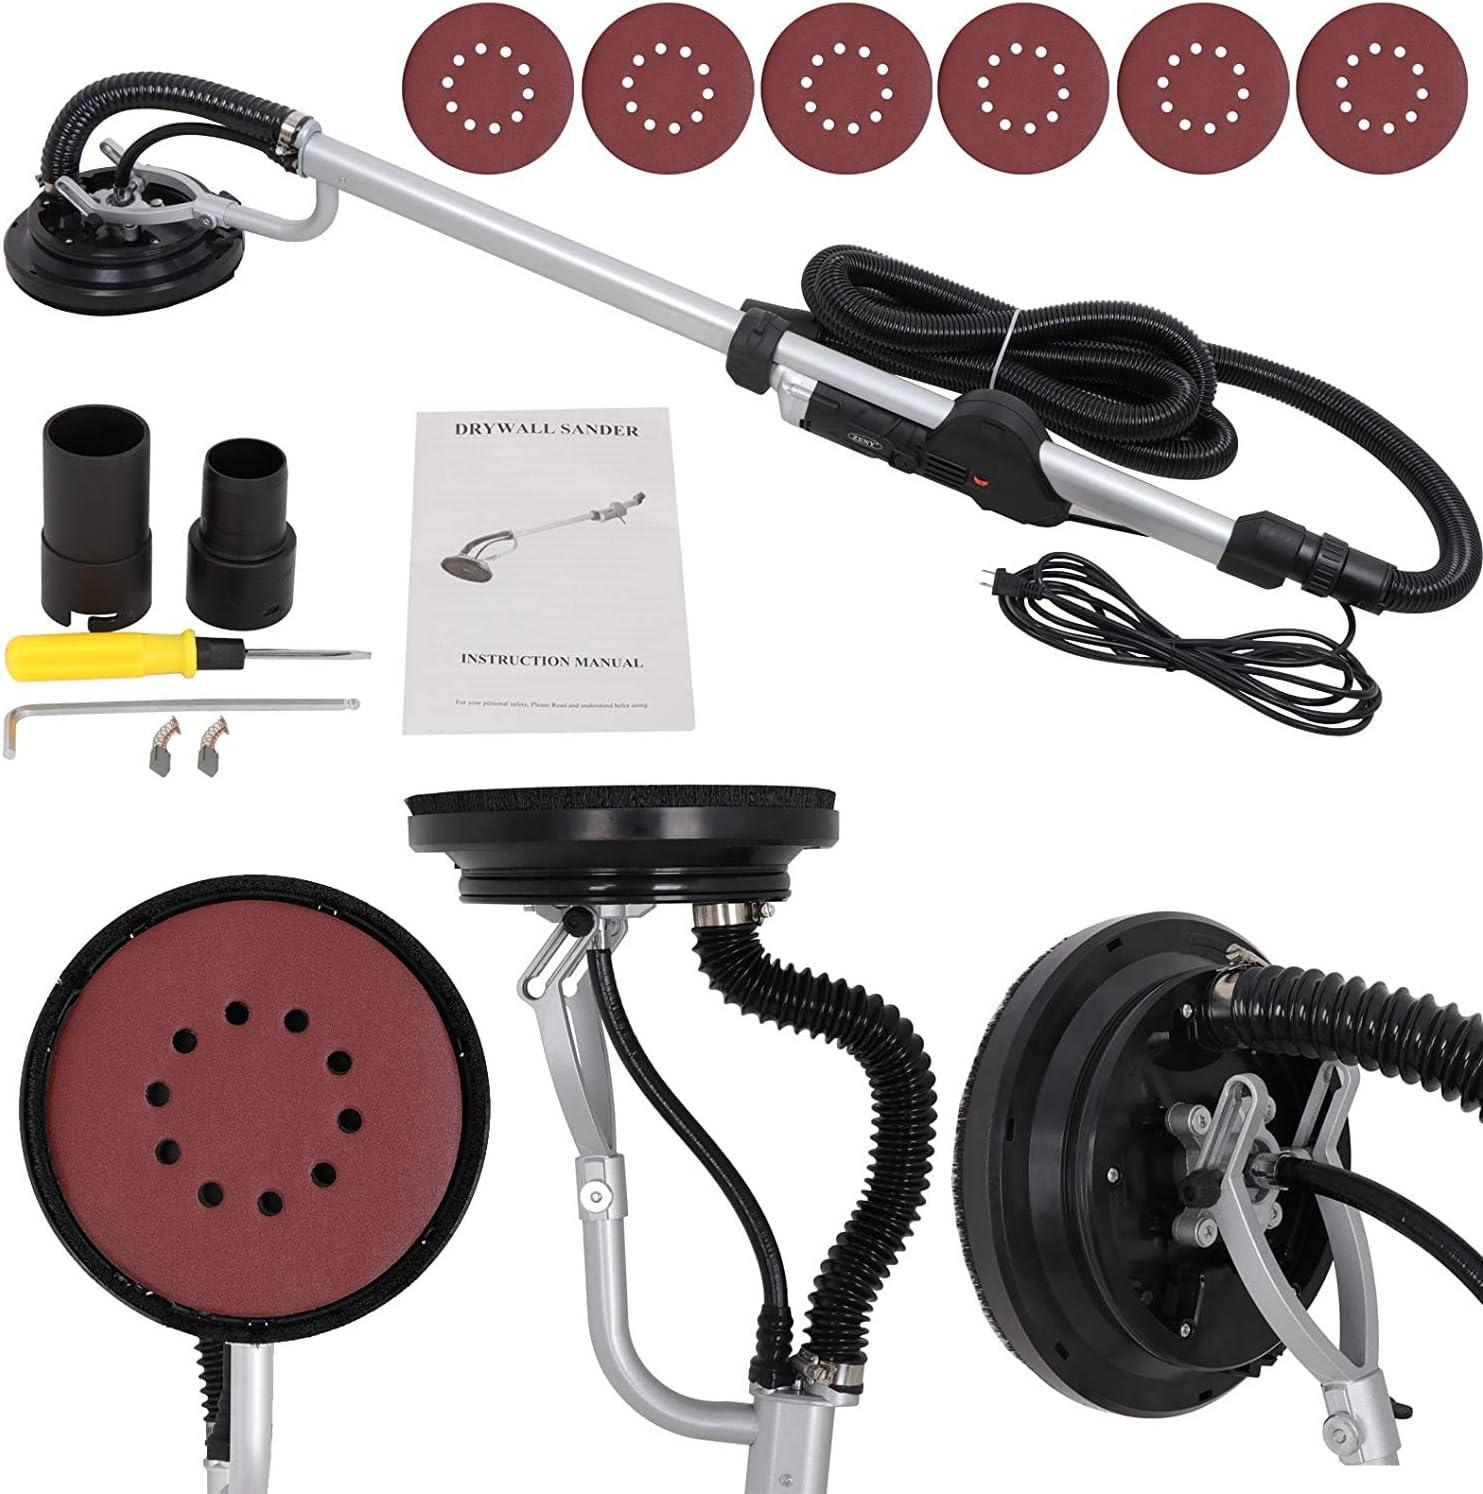 Details about  /110V Electric Drywall Sander Speed Adjustable Walls Sanding Dry Grinder Machine